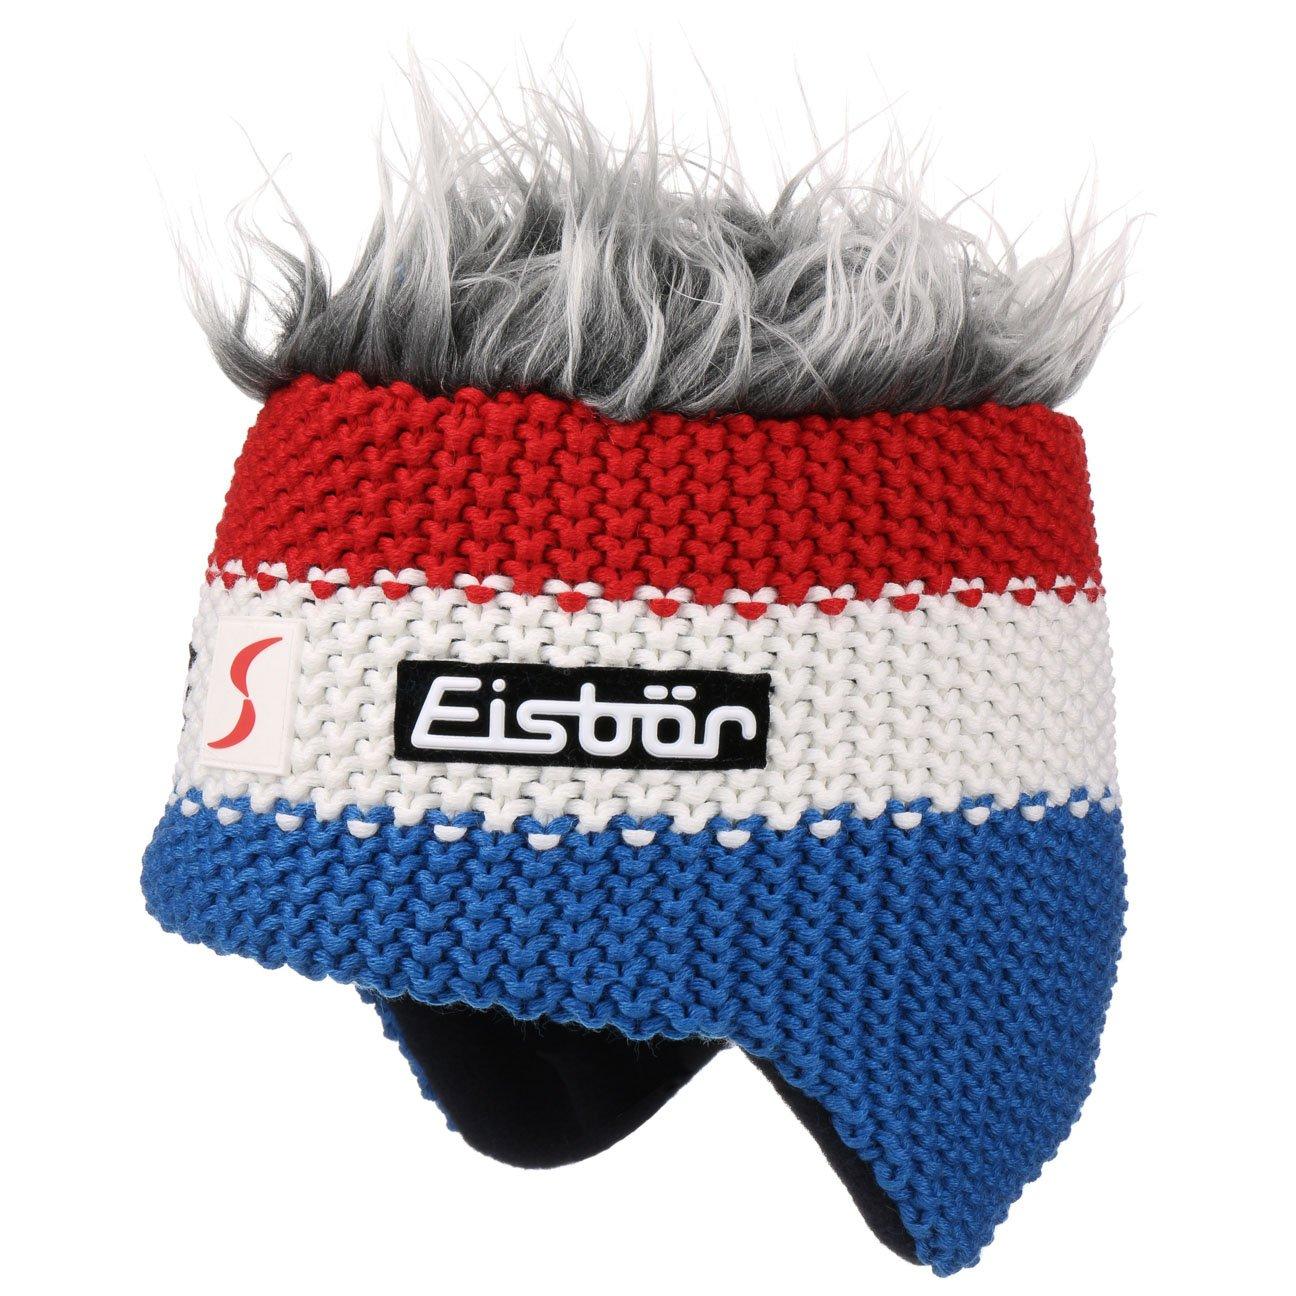 f8325477a39 France Star Cocker Ski Hat Eisbär merino hat ski hat (One Size - blue)   Amazon.co.uk  Clothing